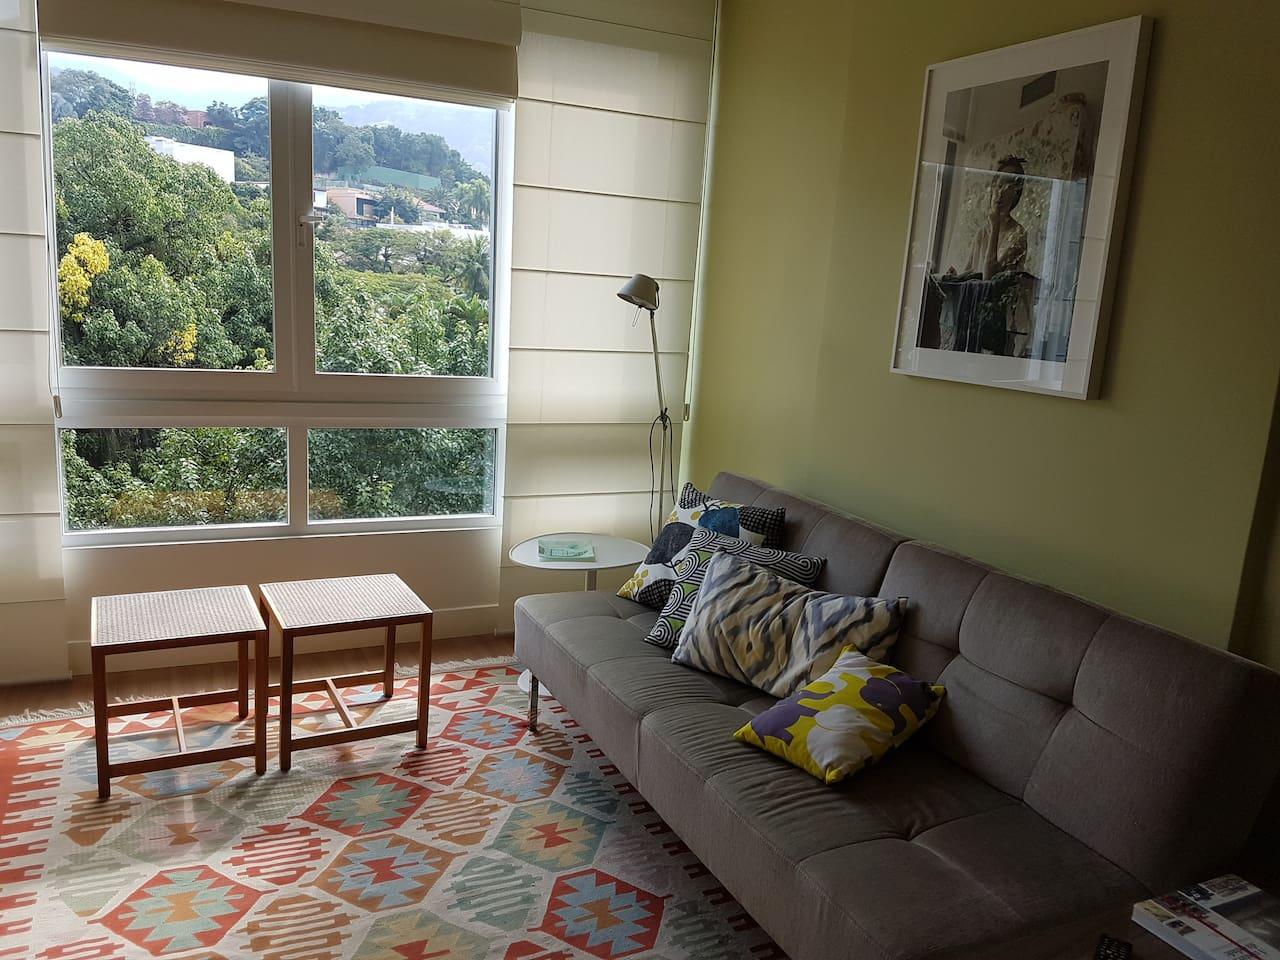 sala com vista para o verde/ living room facing a green view